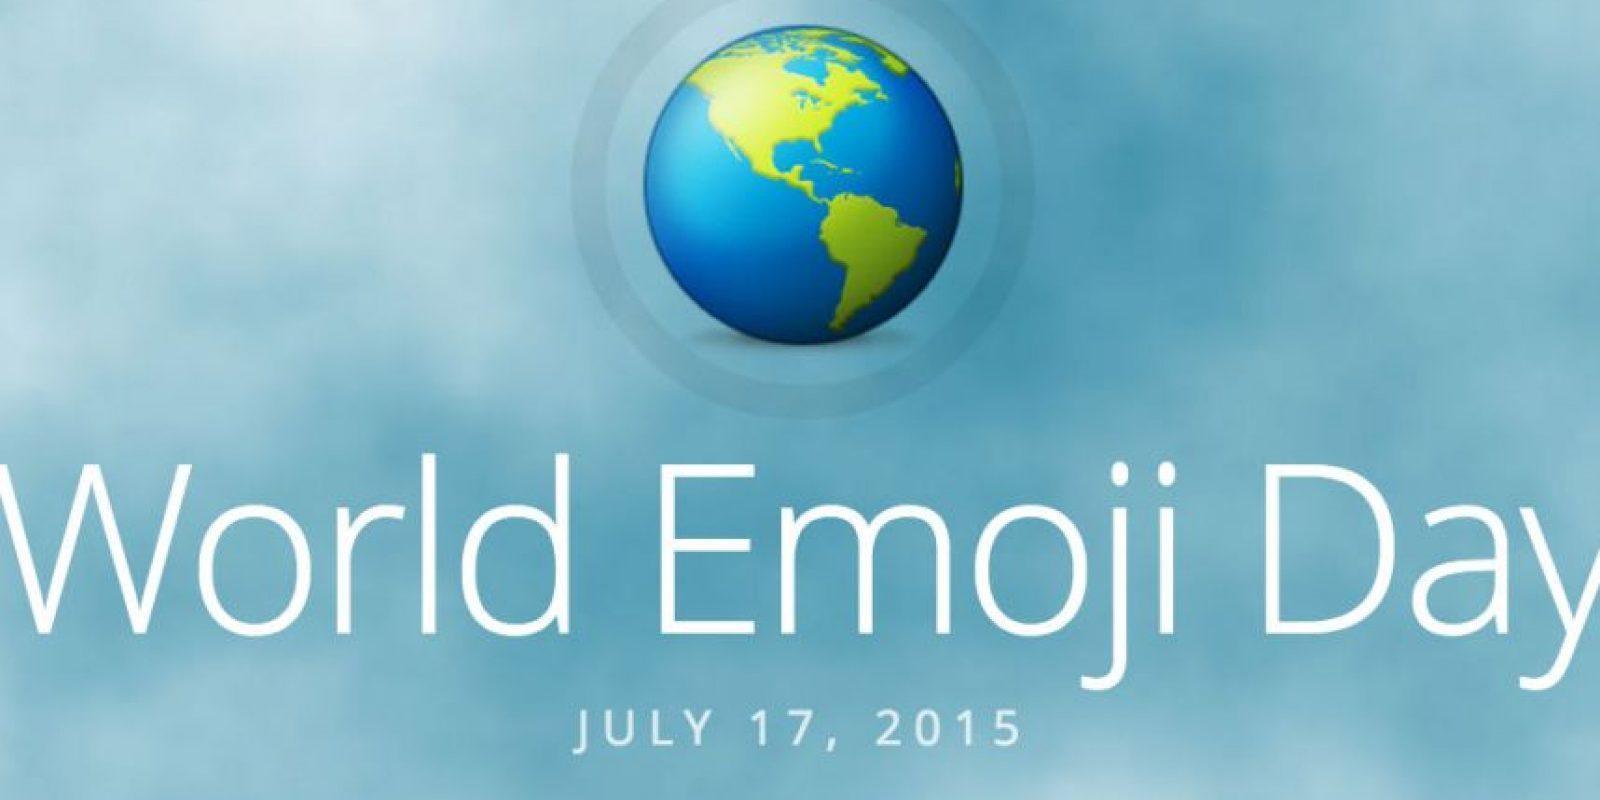 Hoy el mundo celebra el Día Mundial del Emoji Foto:worldemojiday.com/. Imagen Por: